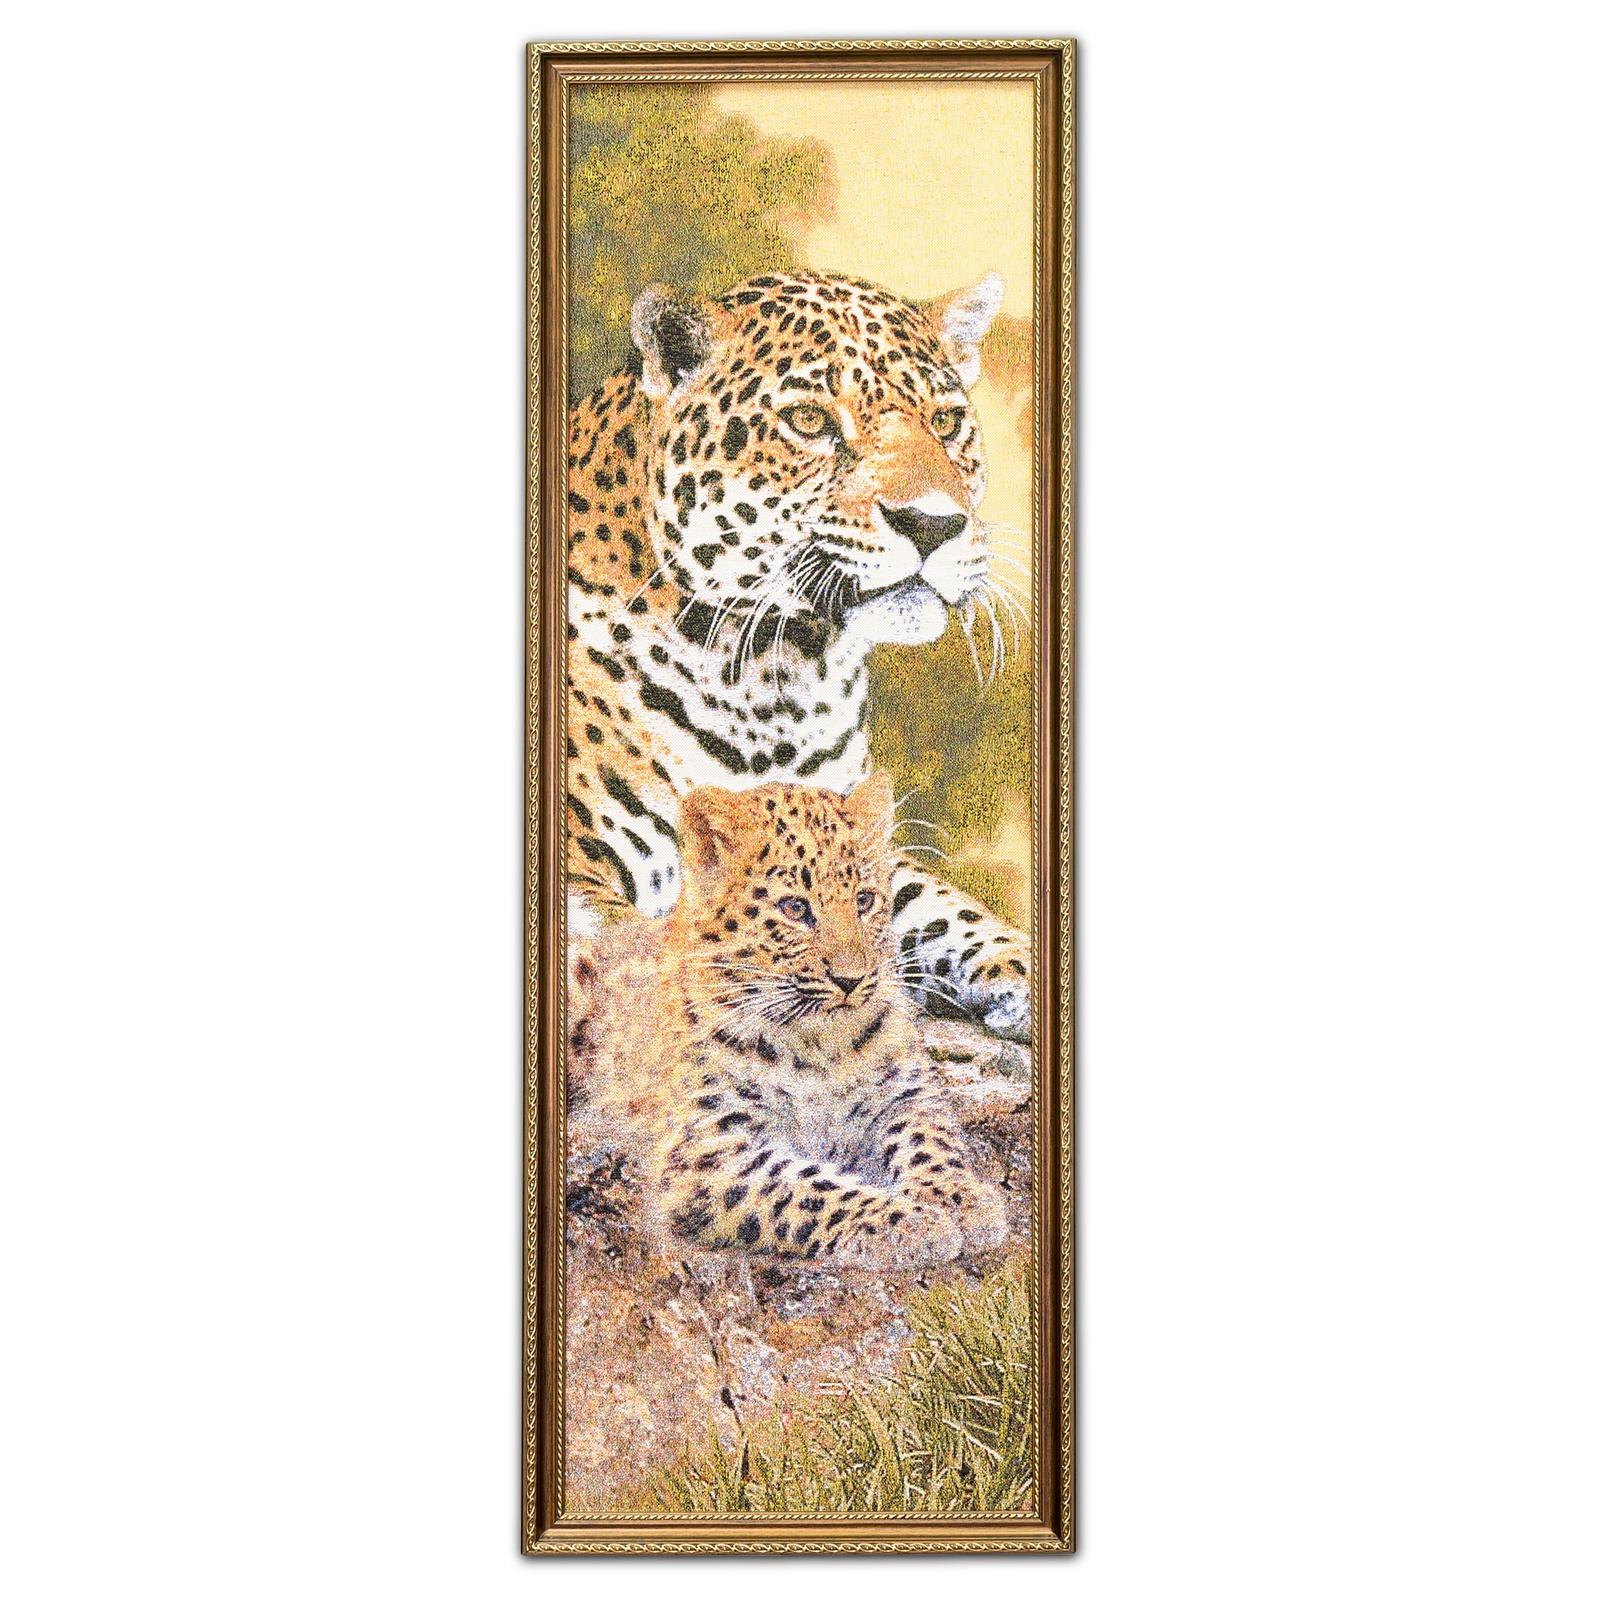 Гобелен картина гепарды 34*93 см магазин 95 градусов все для бани